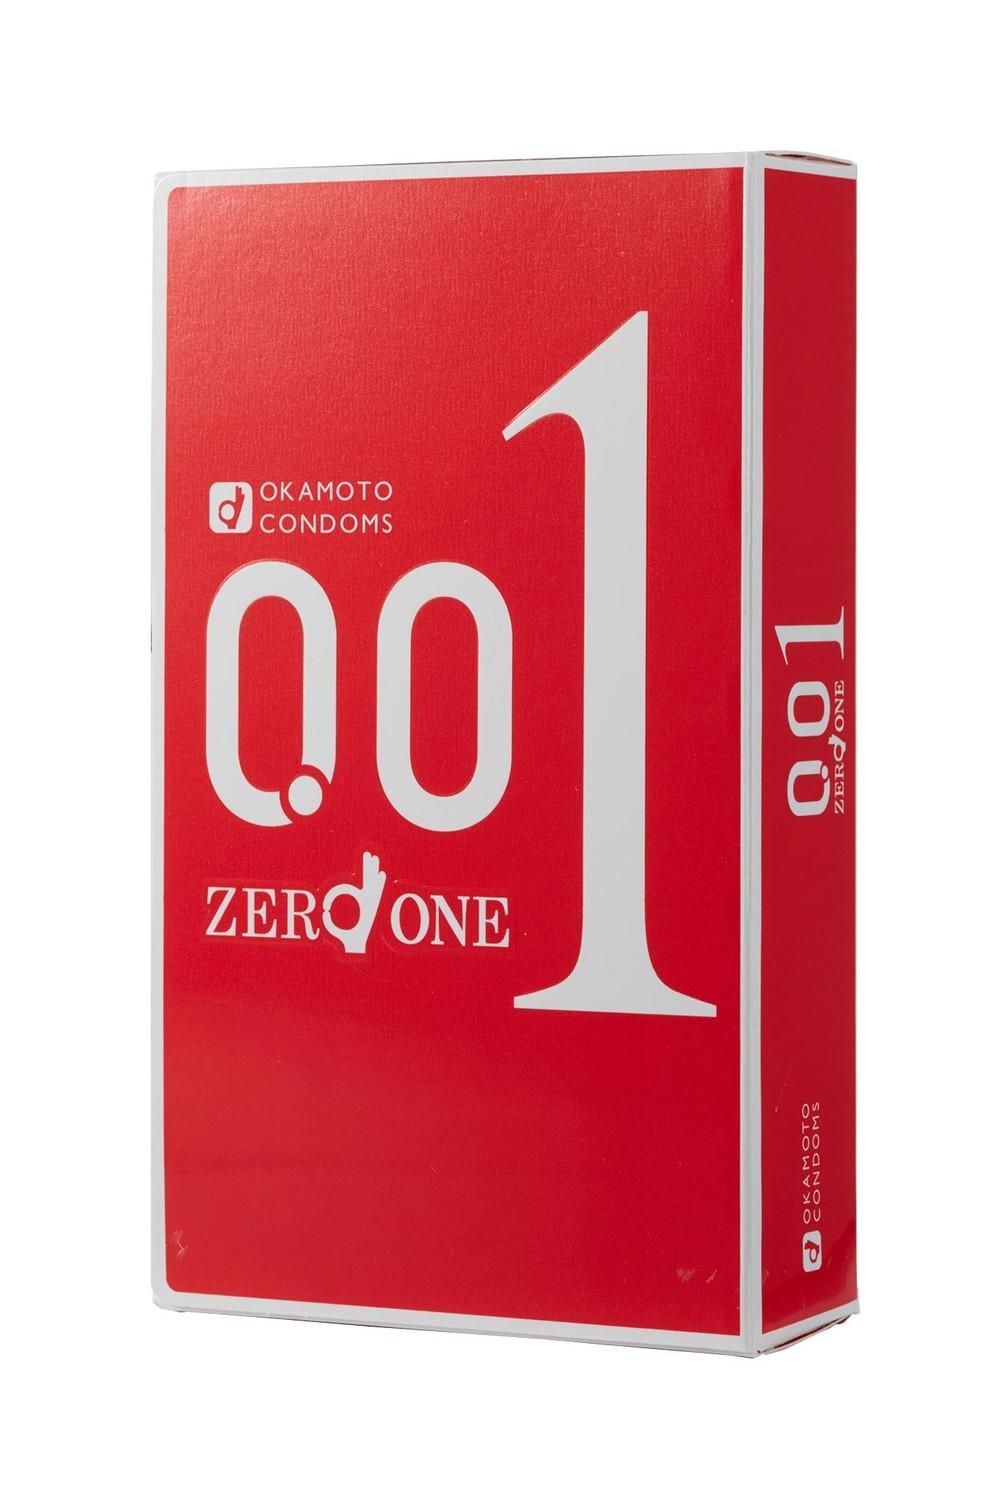 オカモト史上最薄コンドーム「オカモトゼロワン」 先端から根元まですべて0.01ミリ台